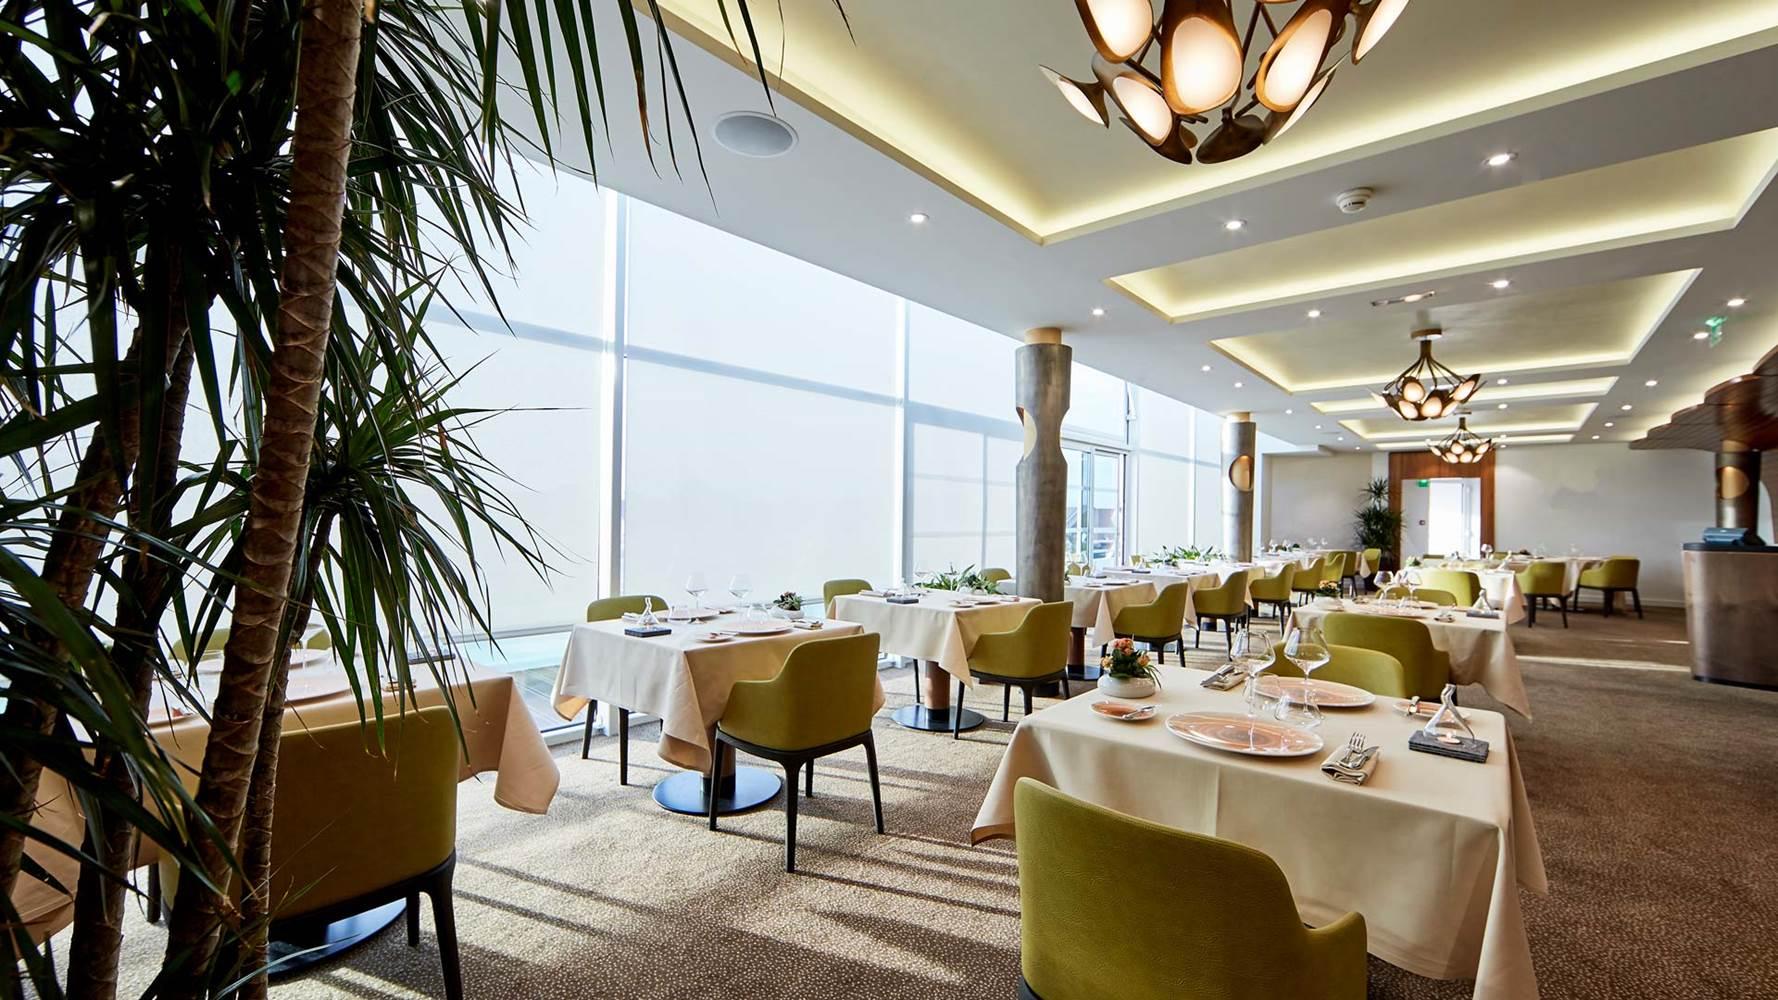 Restaurant Gastronomique Le Be ©